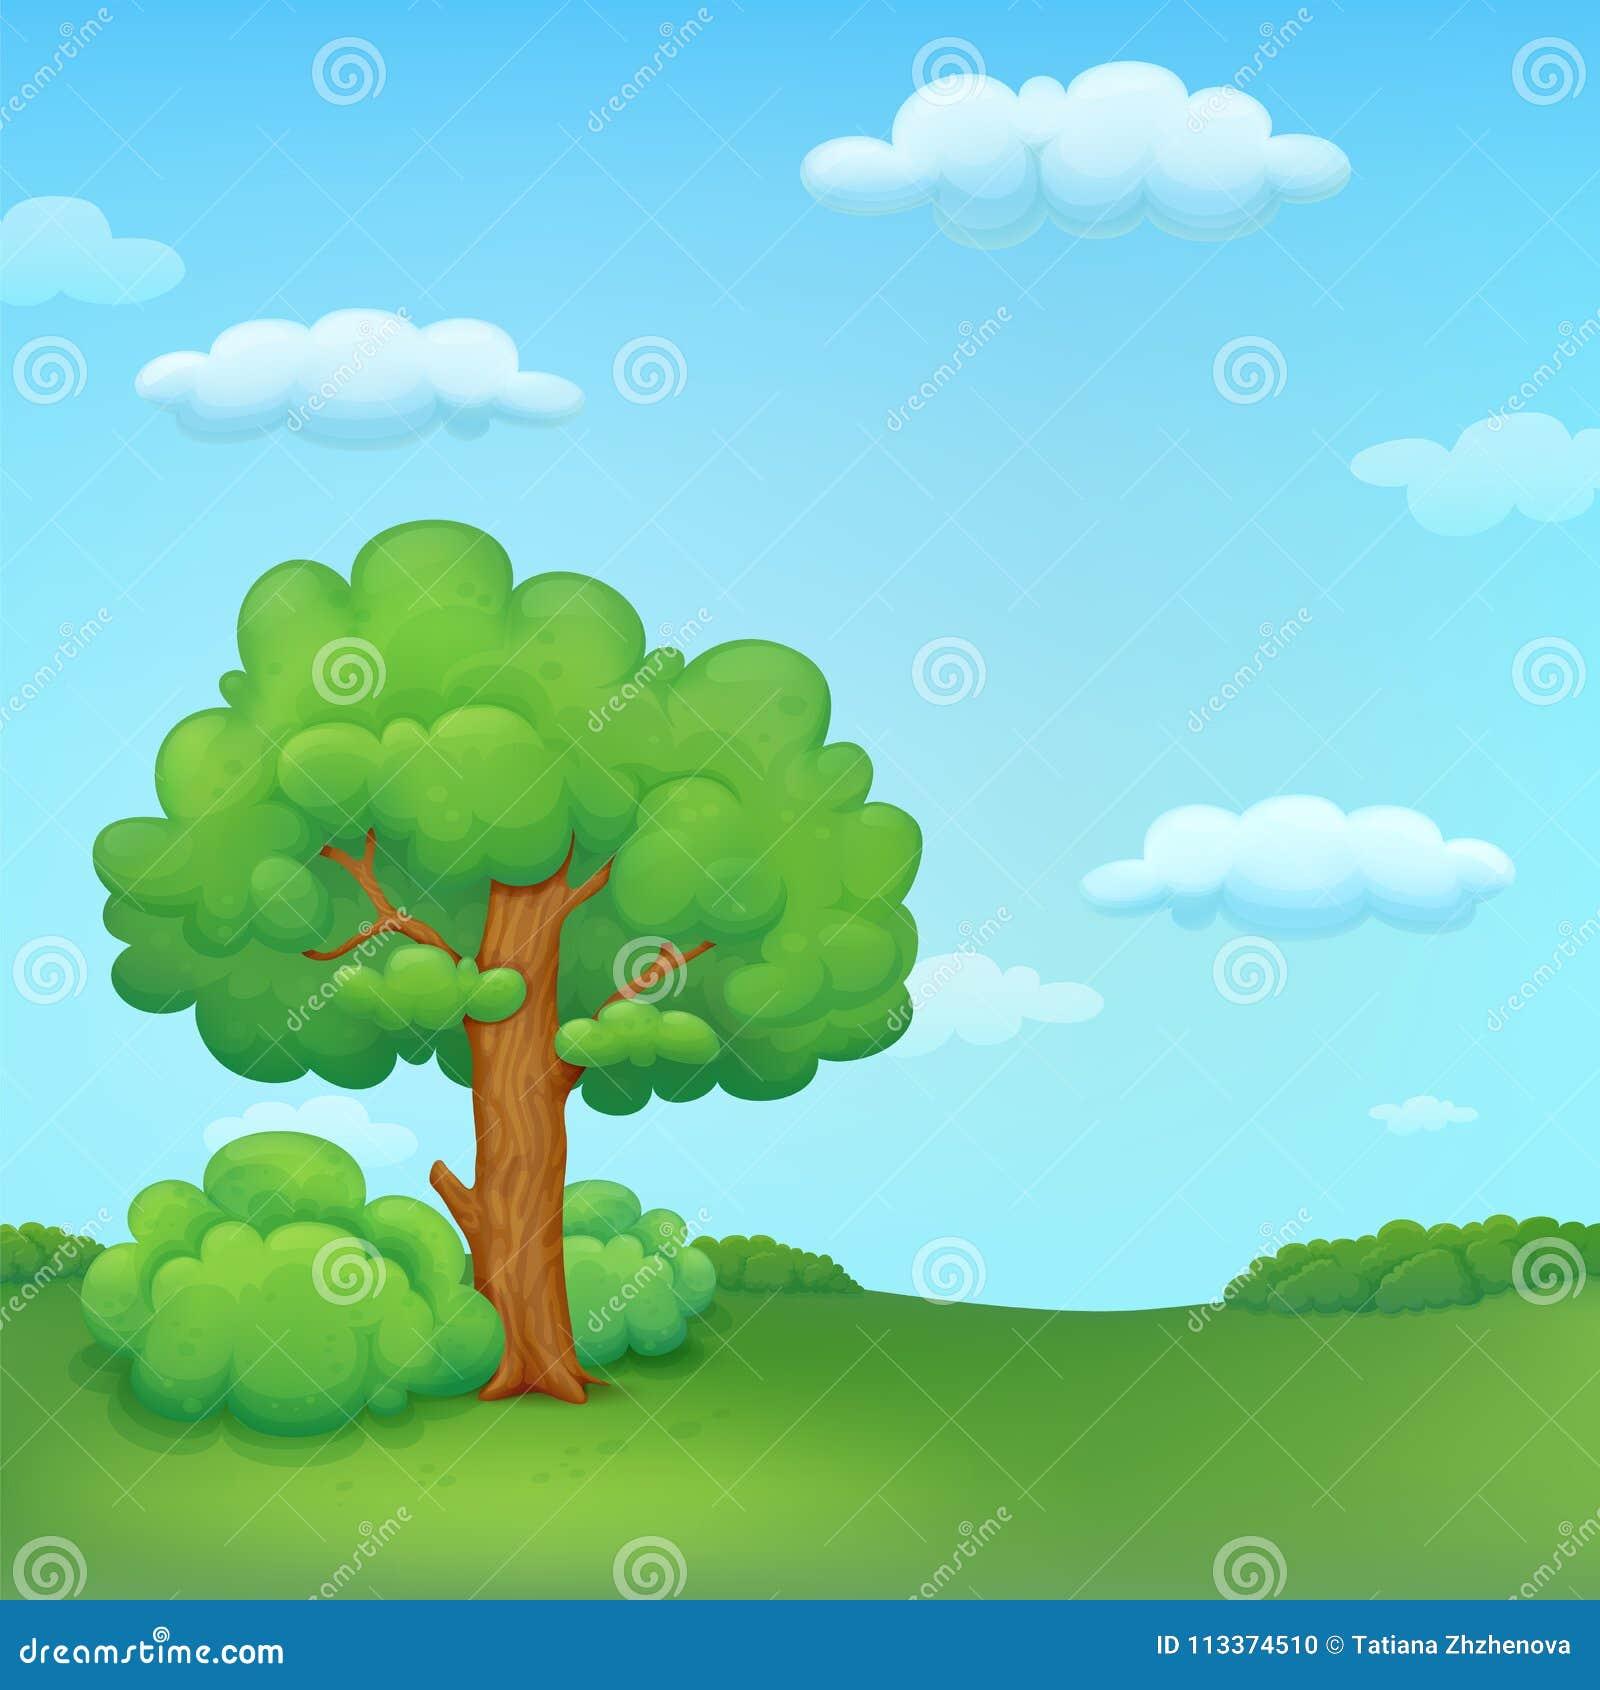 Lato łąkowa ilustracja z drzewem i krzakami